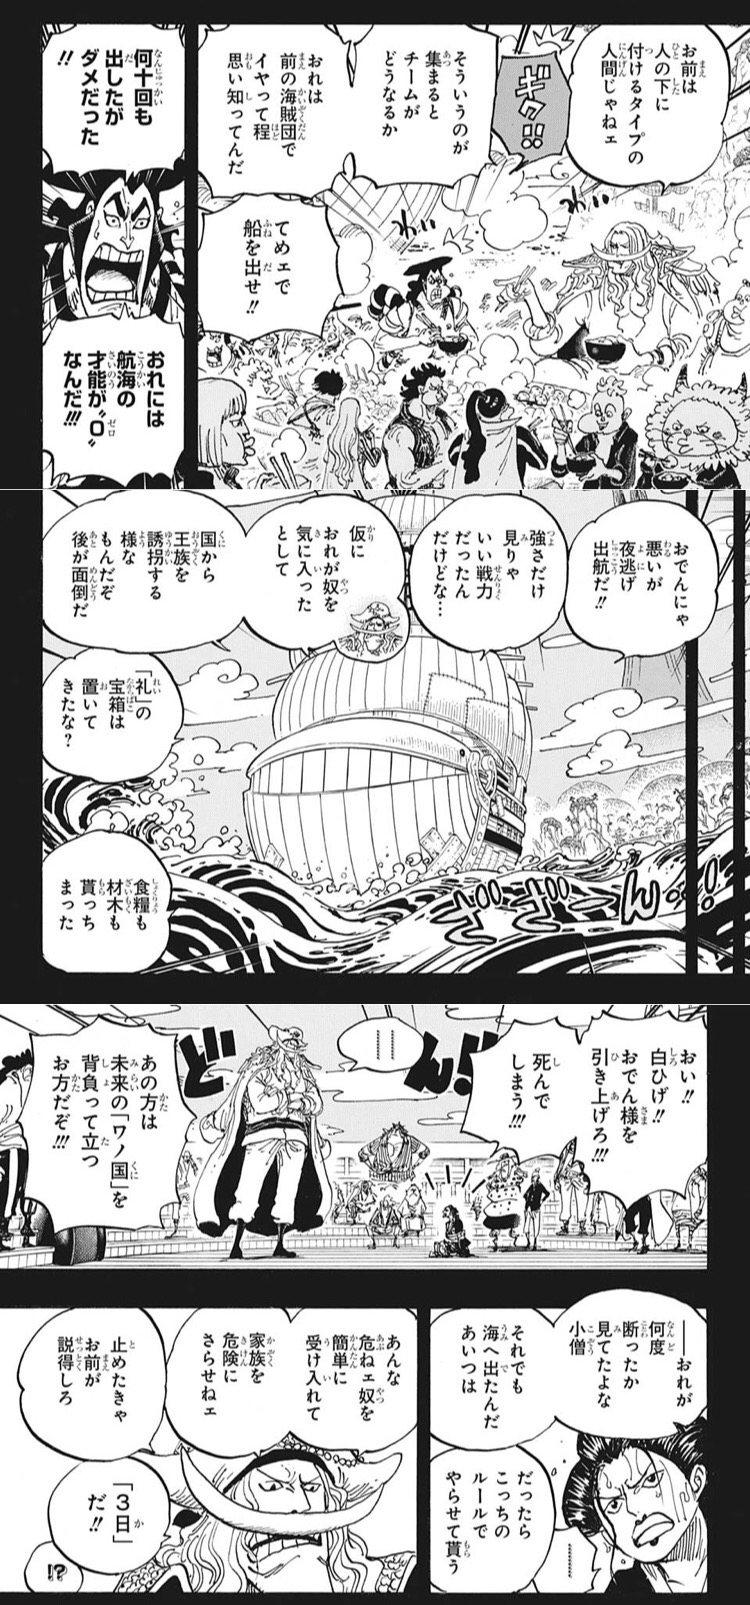 ワンピース】 白ひげ海賊団、めっちゃアットホームwww